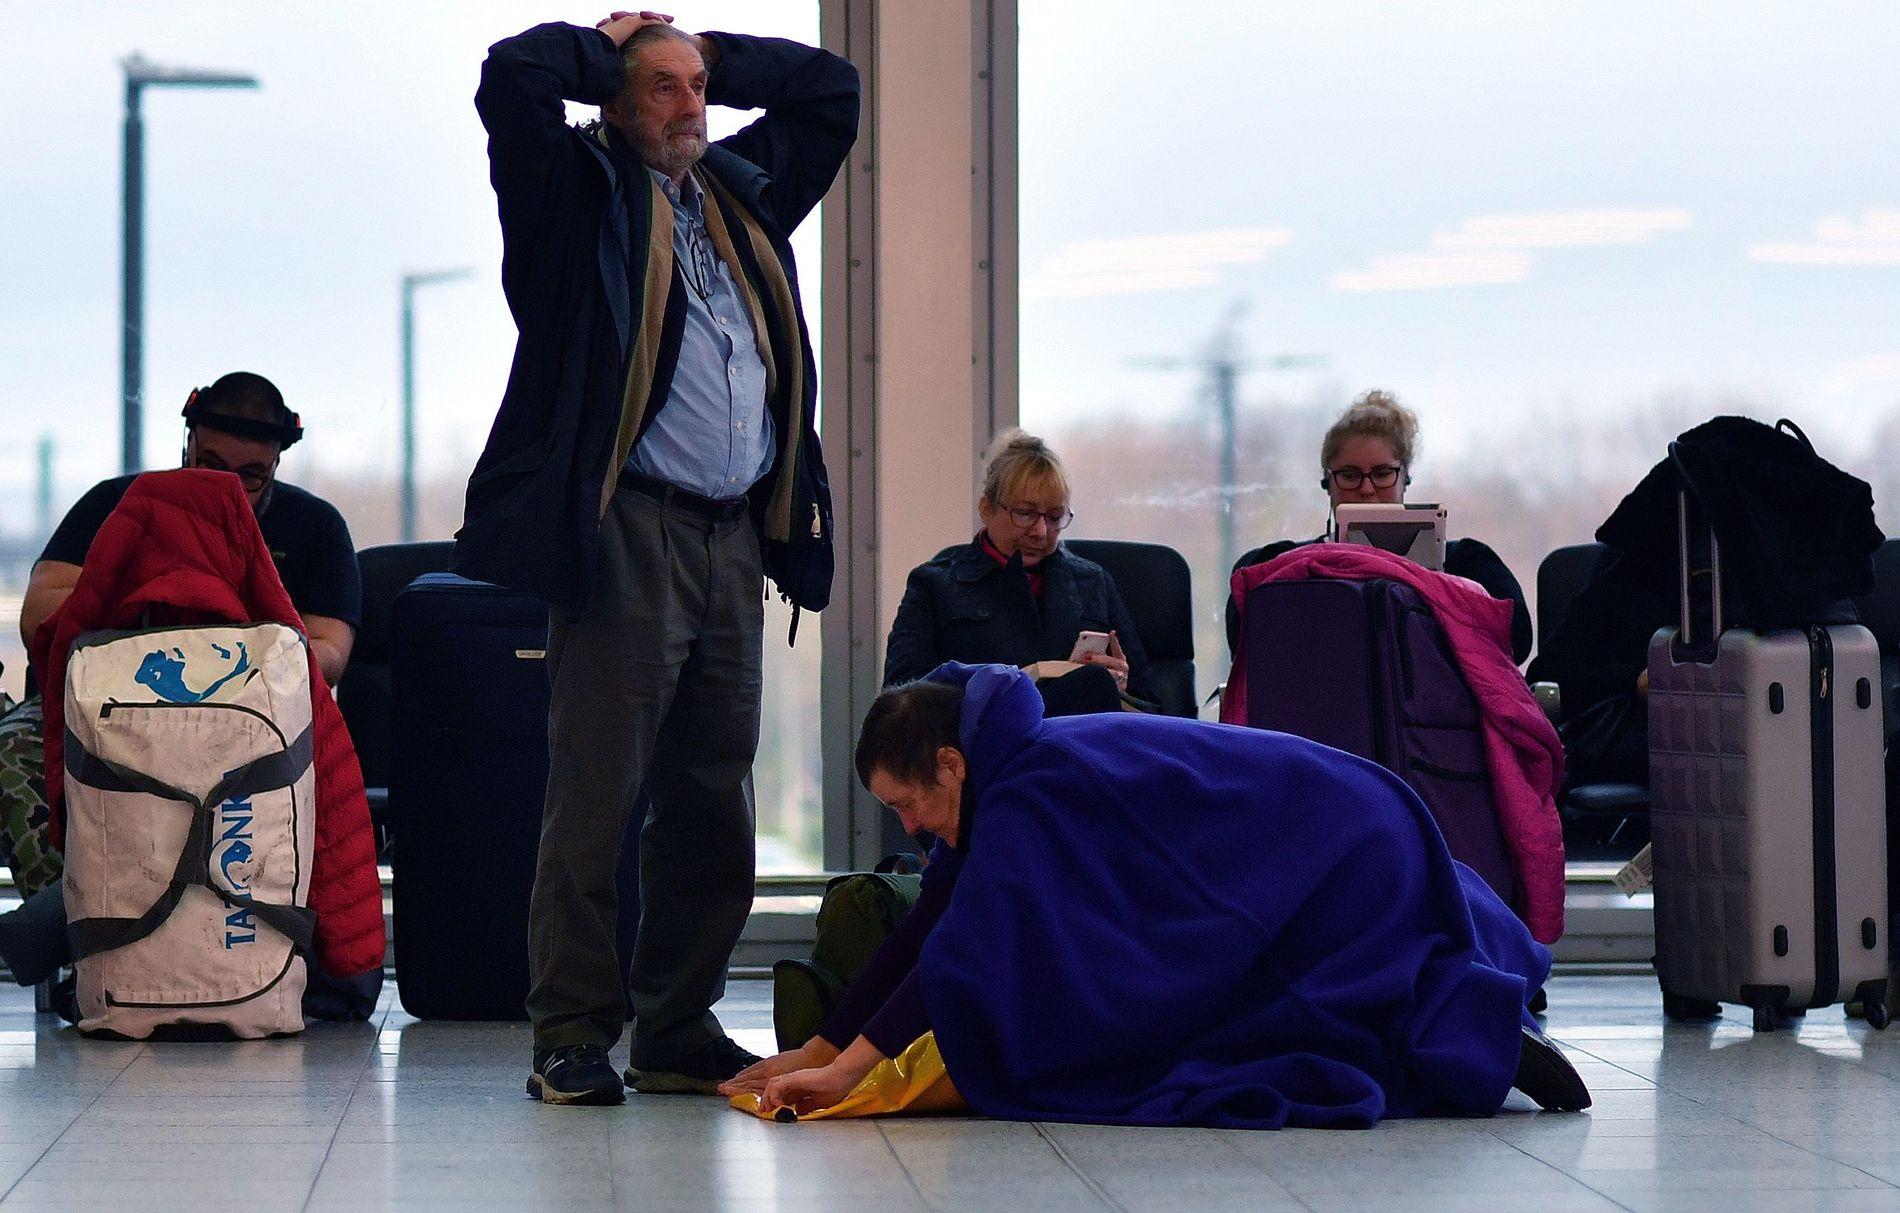 OPPGITTE PASSASJERER: Flypassasjerer ventet i timesvis på Gatwick-flyplassen ved London fredag. En dame legger seg ned for å hvile på gulvet, mens andre fordriver tiden med lesing og mobil-sjekking.